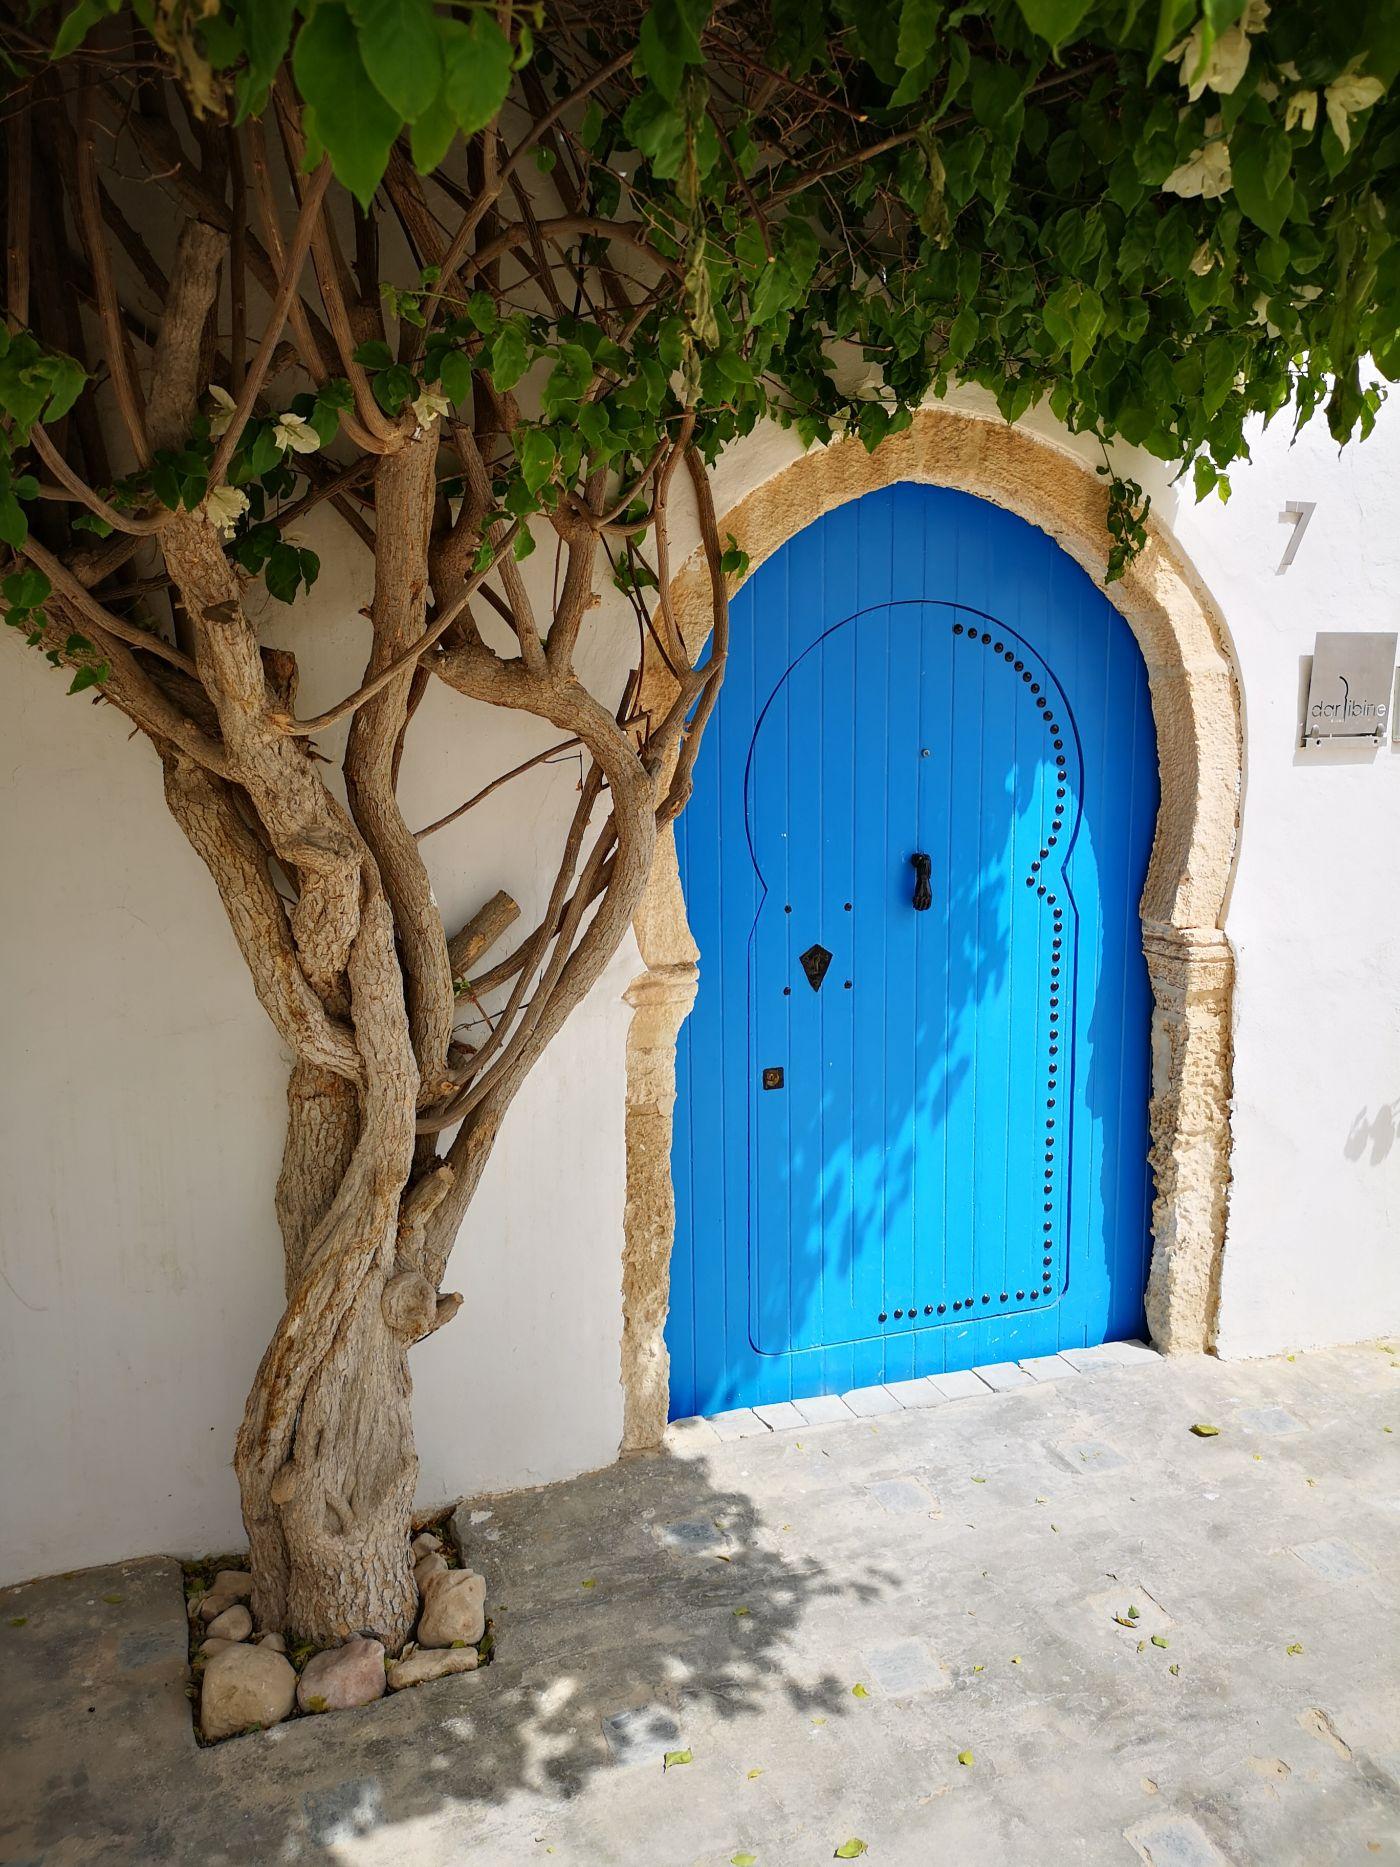 Djerbahood drzwi djerba tunezja niebieskie uliczki